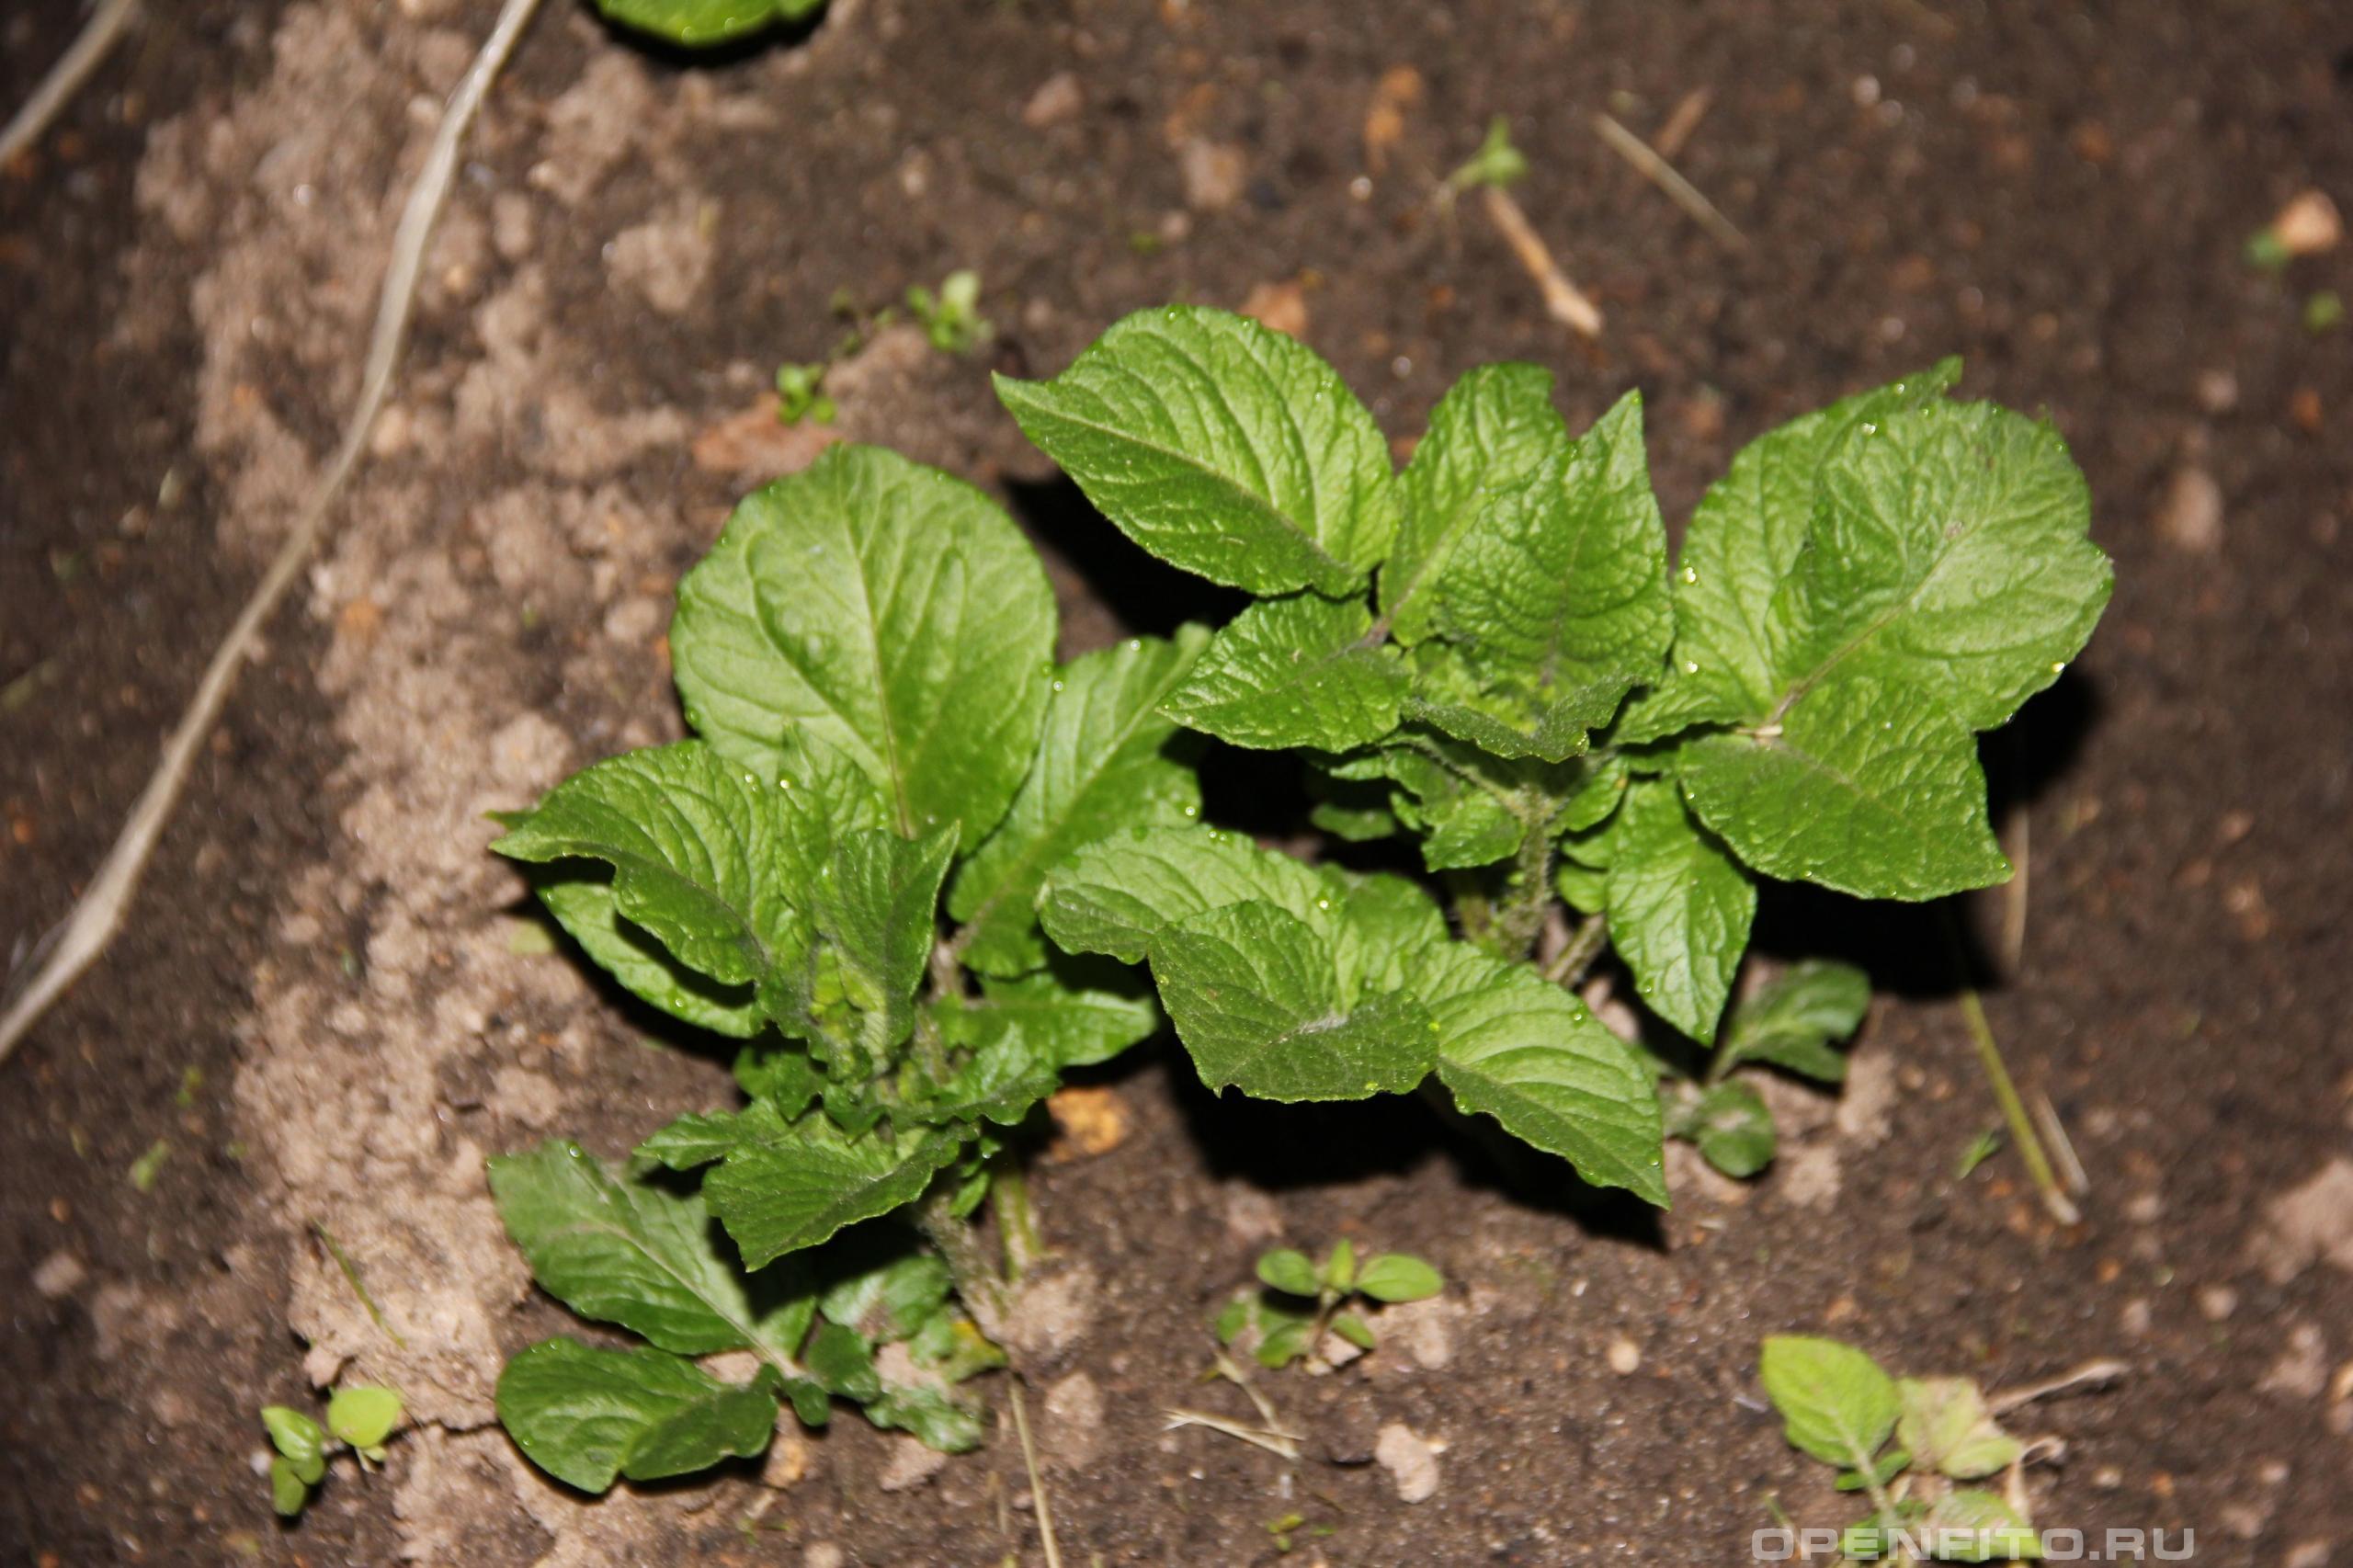 Паслен клубненосный так всходит всем известная картошка